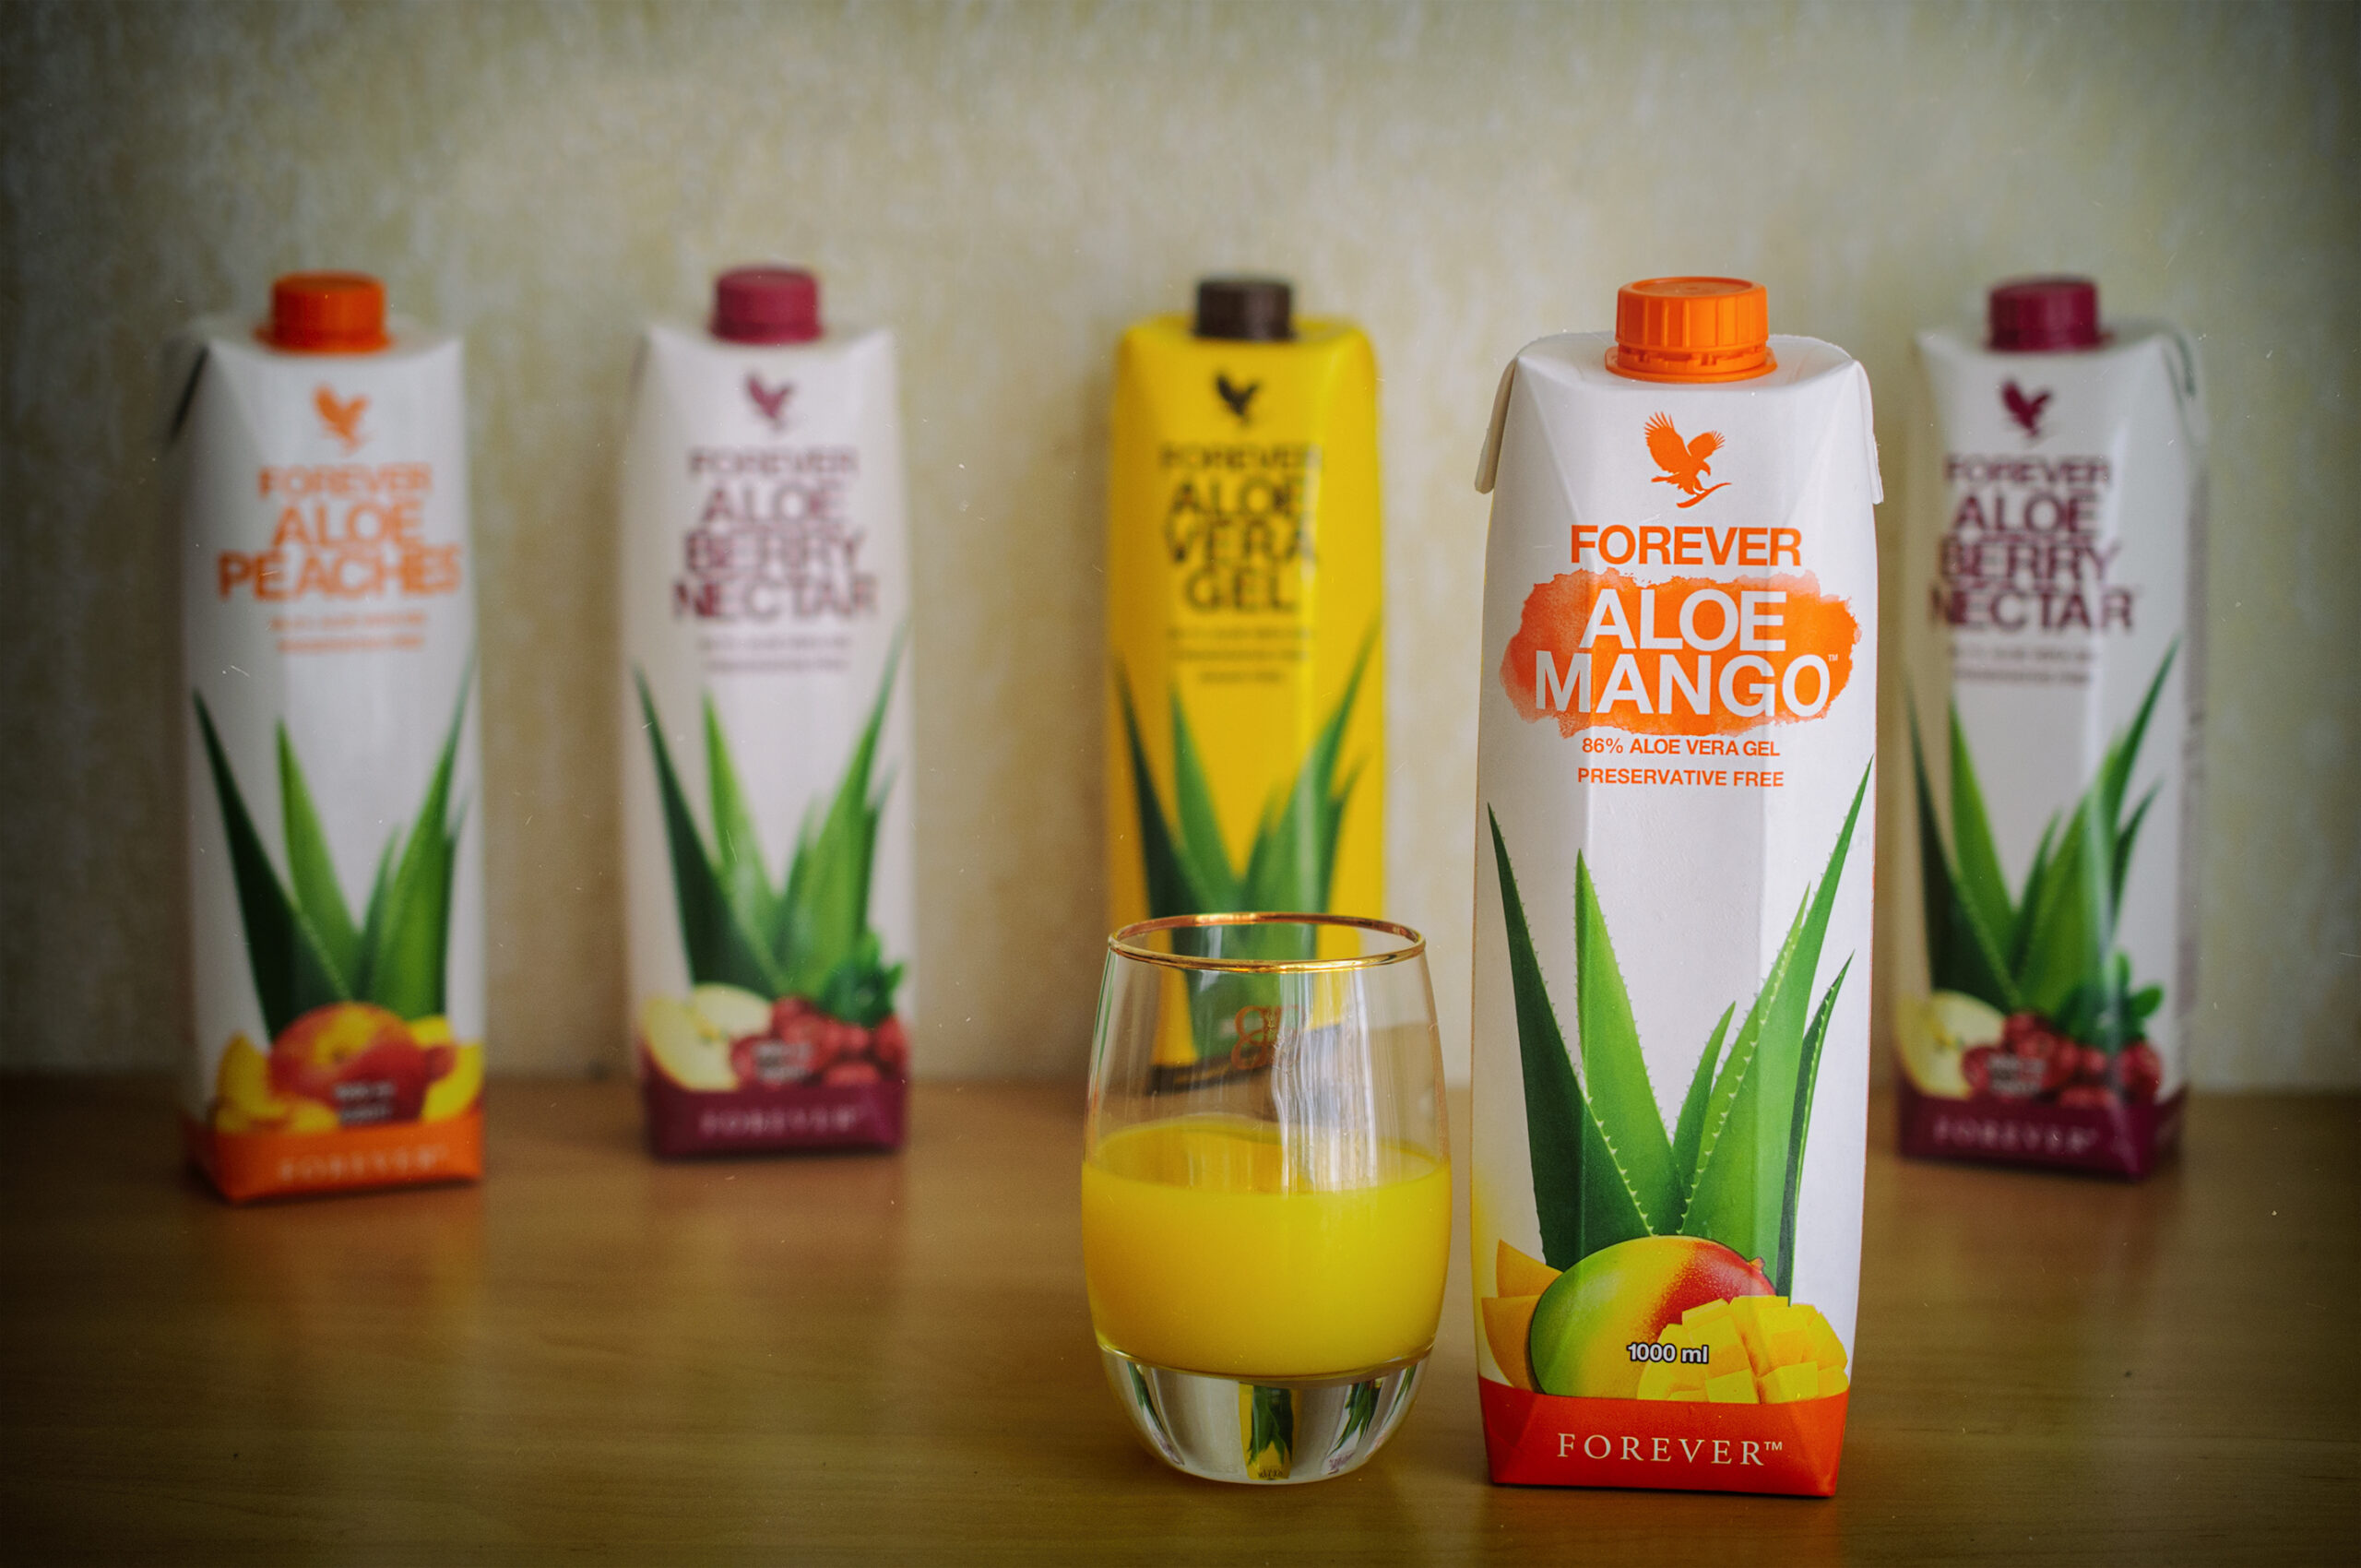 алое манго